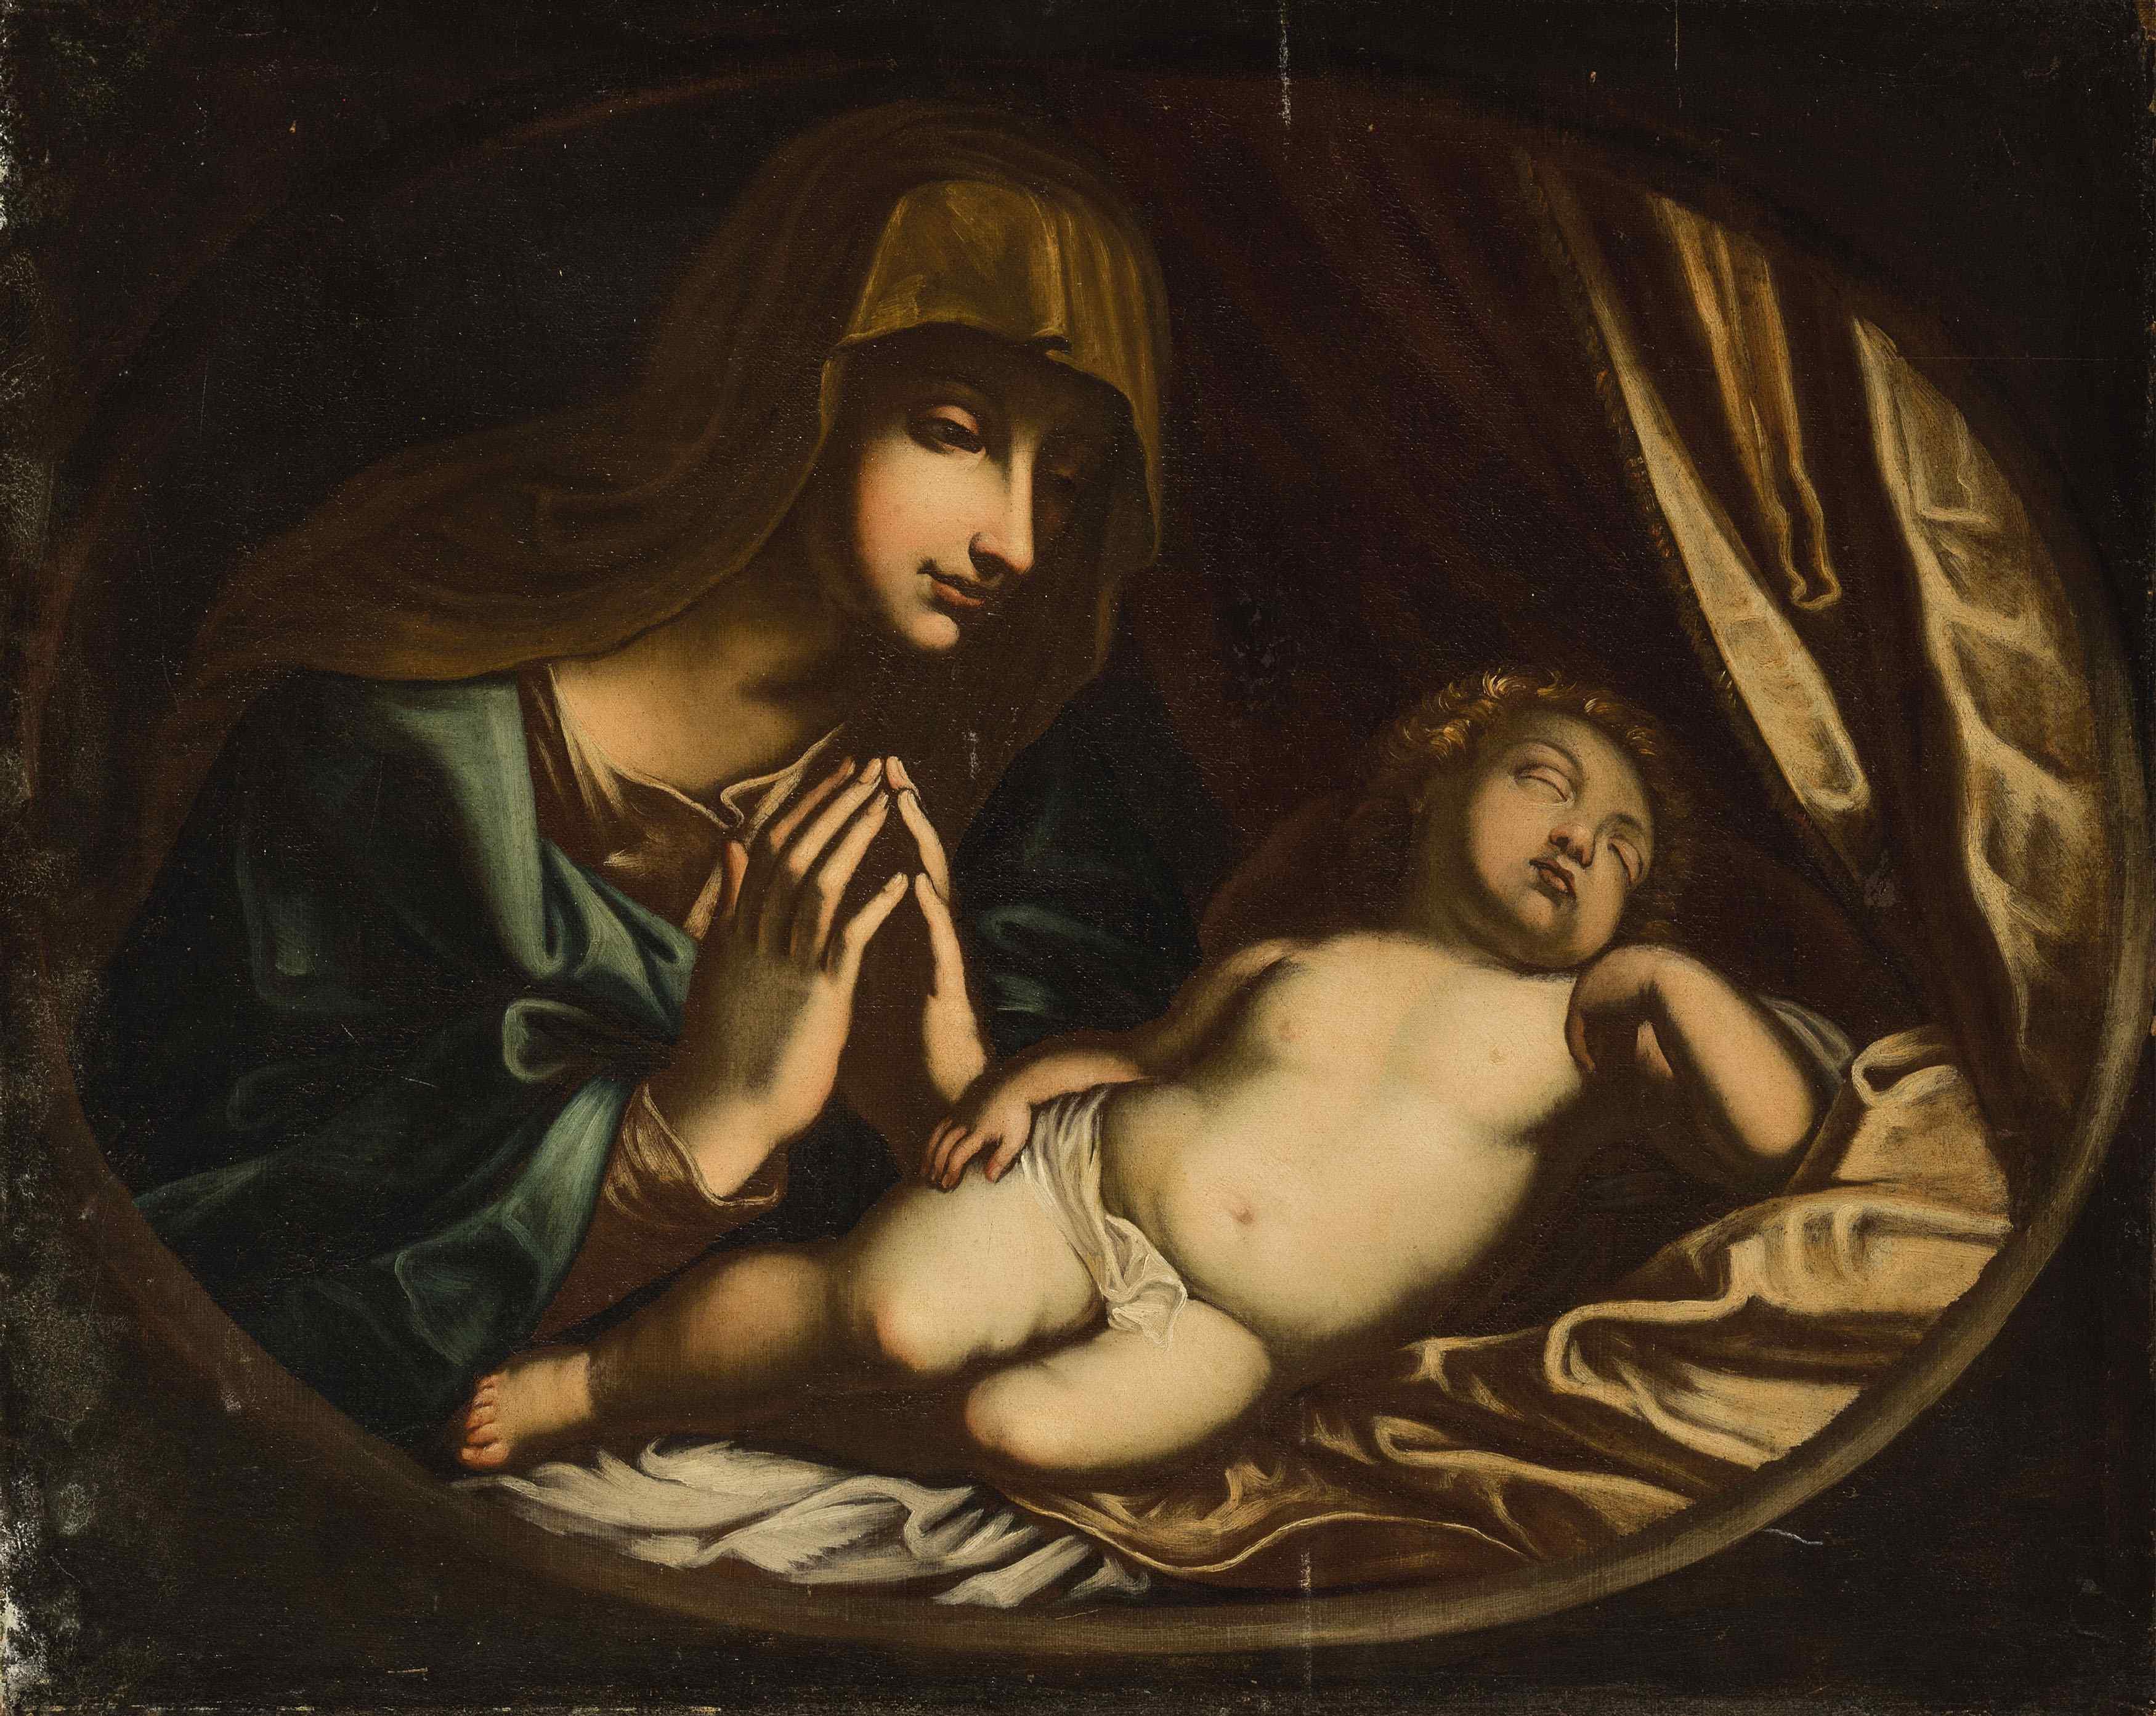 Madone avec enfant, atelier de Giovanni Battista Salvi